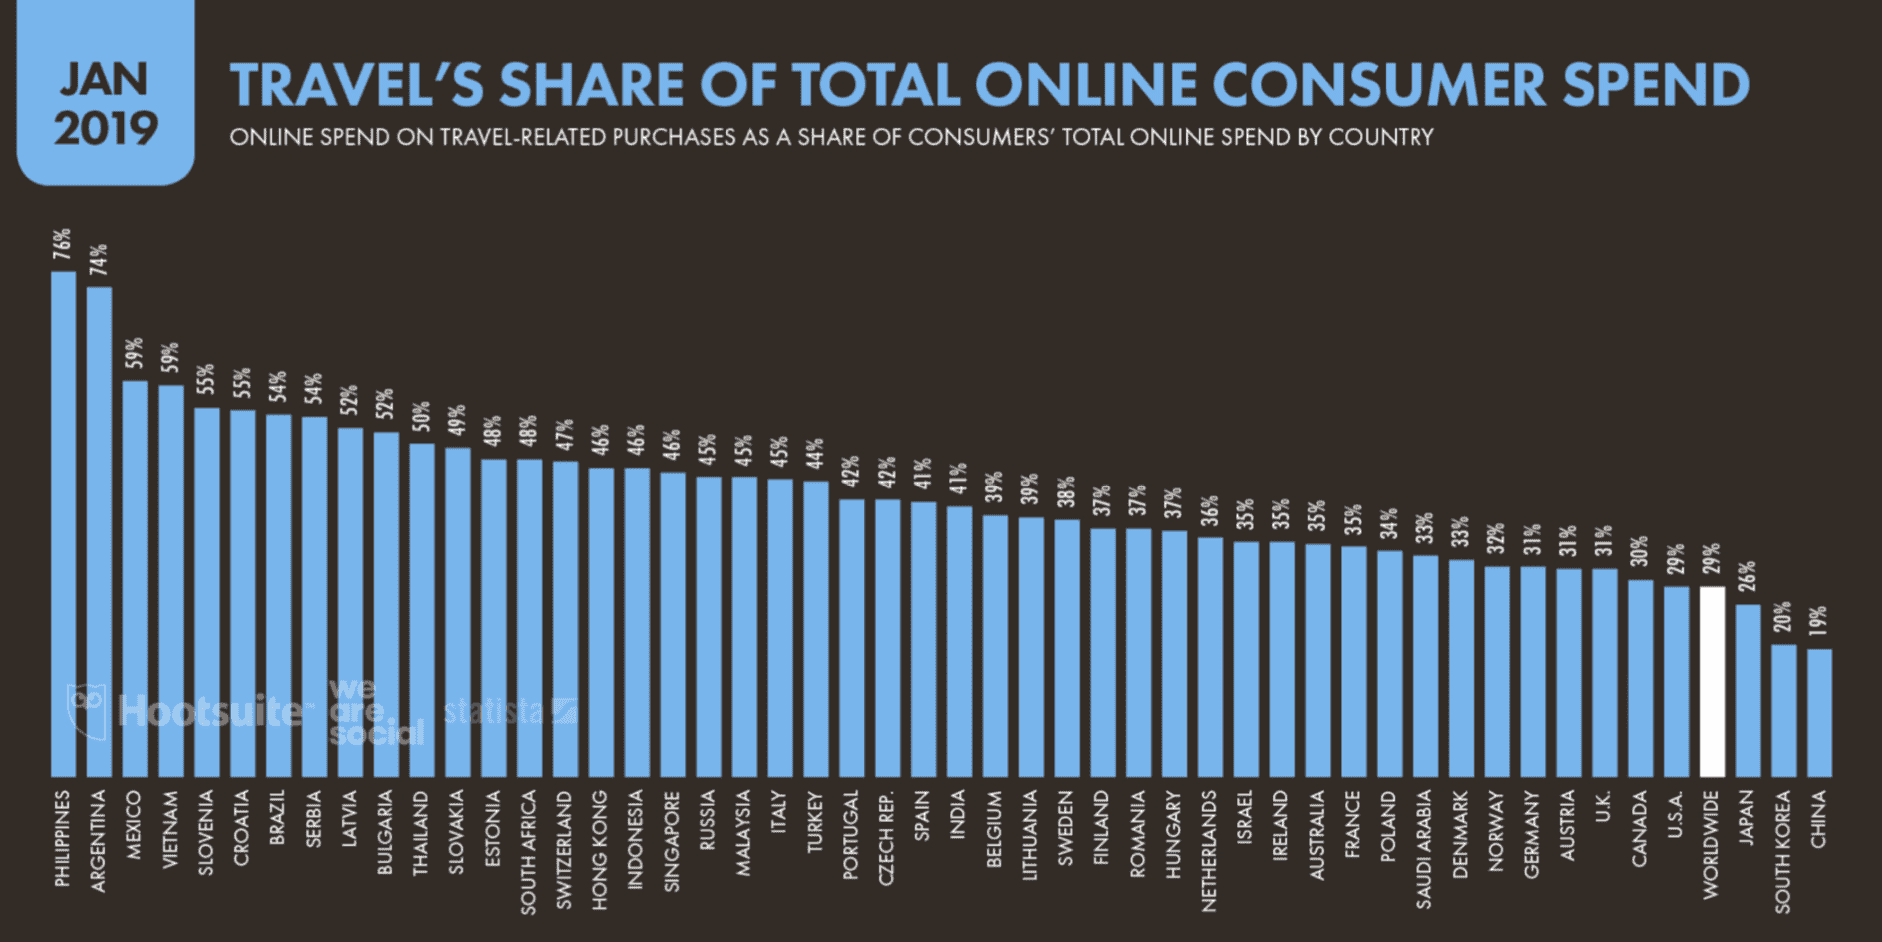 La part des voyages dans les dépenses totales des consommateurs en ligne